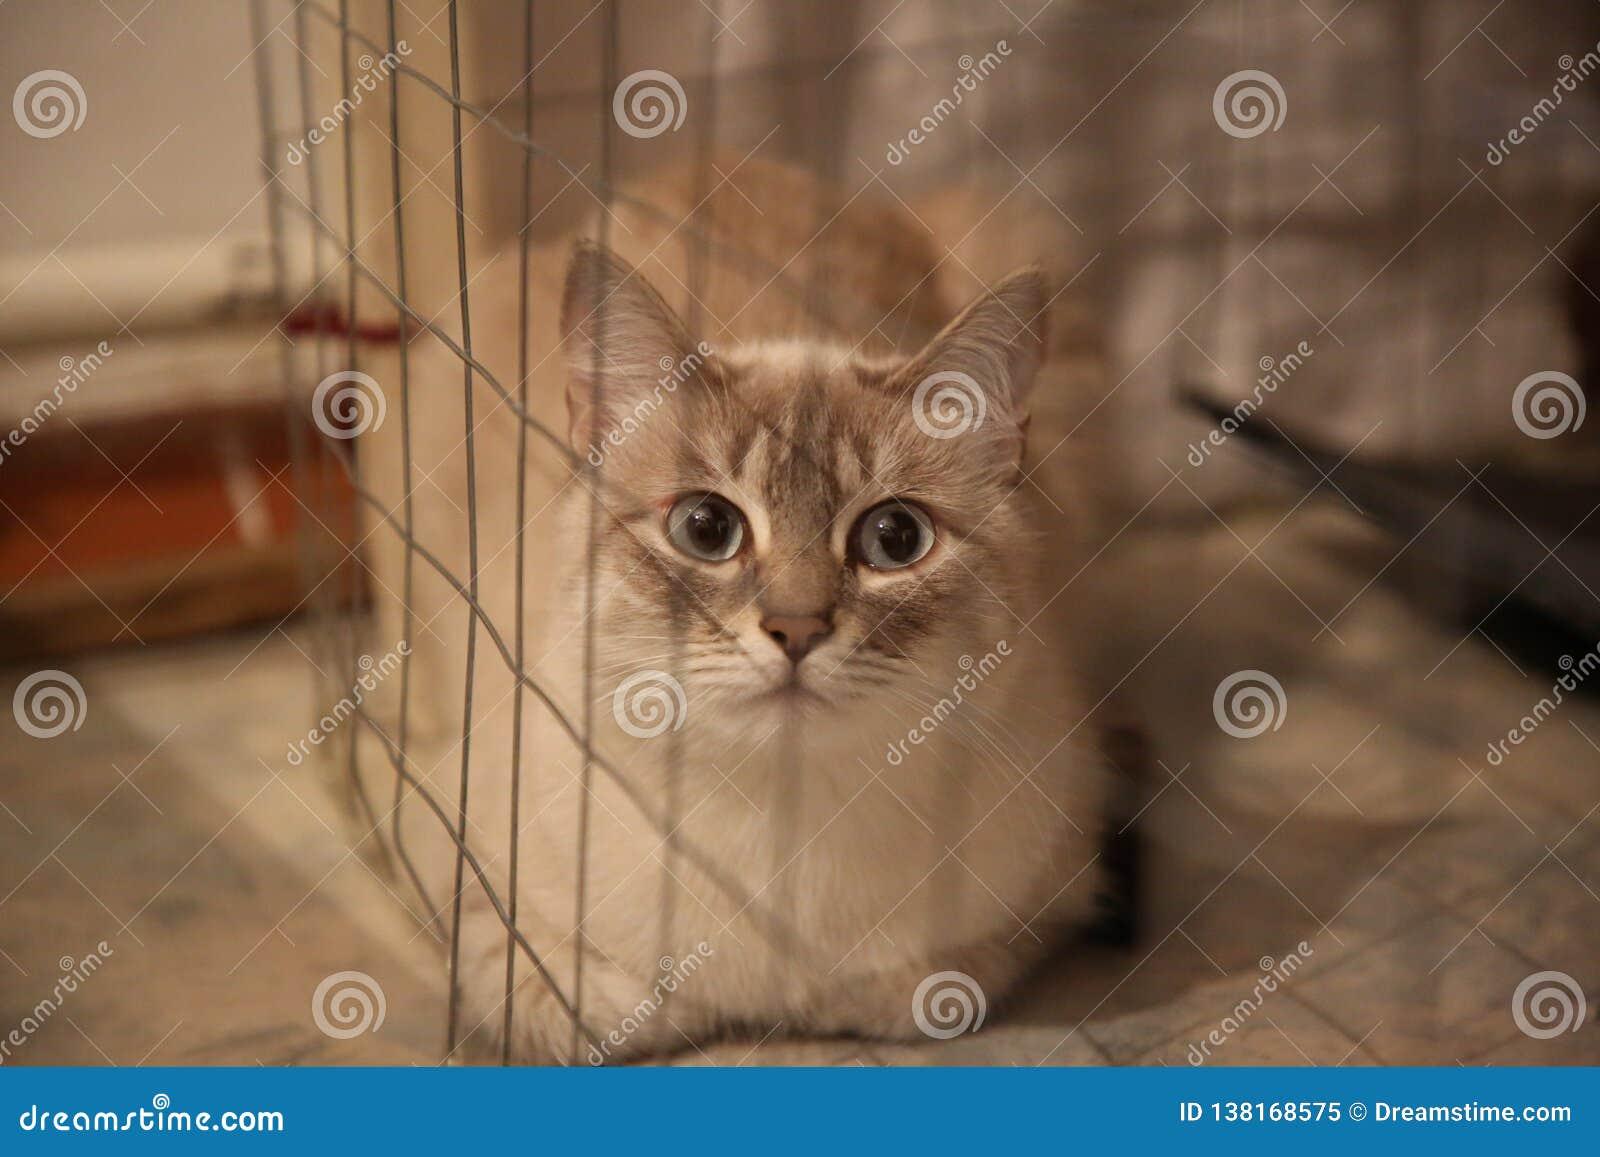 Χρωματισμένη tabbi γάτα μεταμφιέσεων Neva seames behaind το δίχτυ σε ένα κλουβί